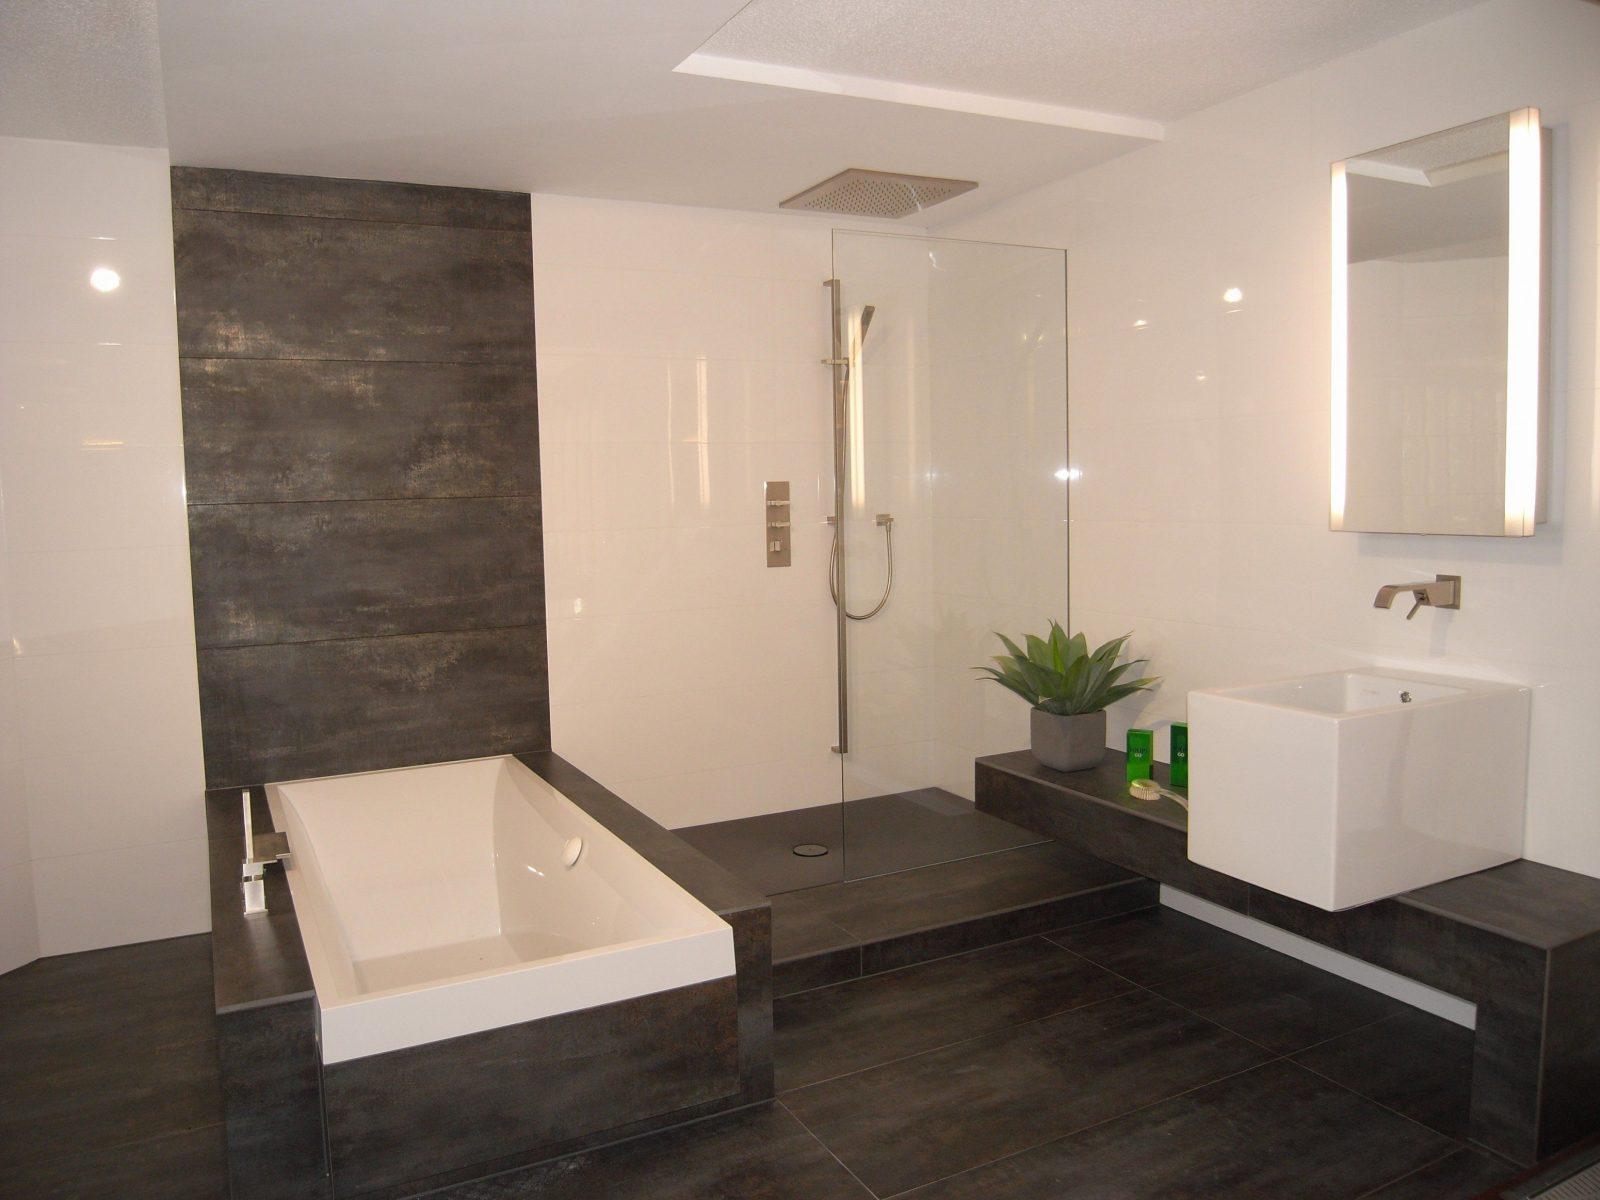 Moderne Fliesen Haus | Badezimmer Hinreißend Bad Fliesen Anthrazit ...